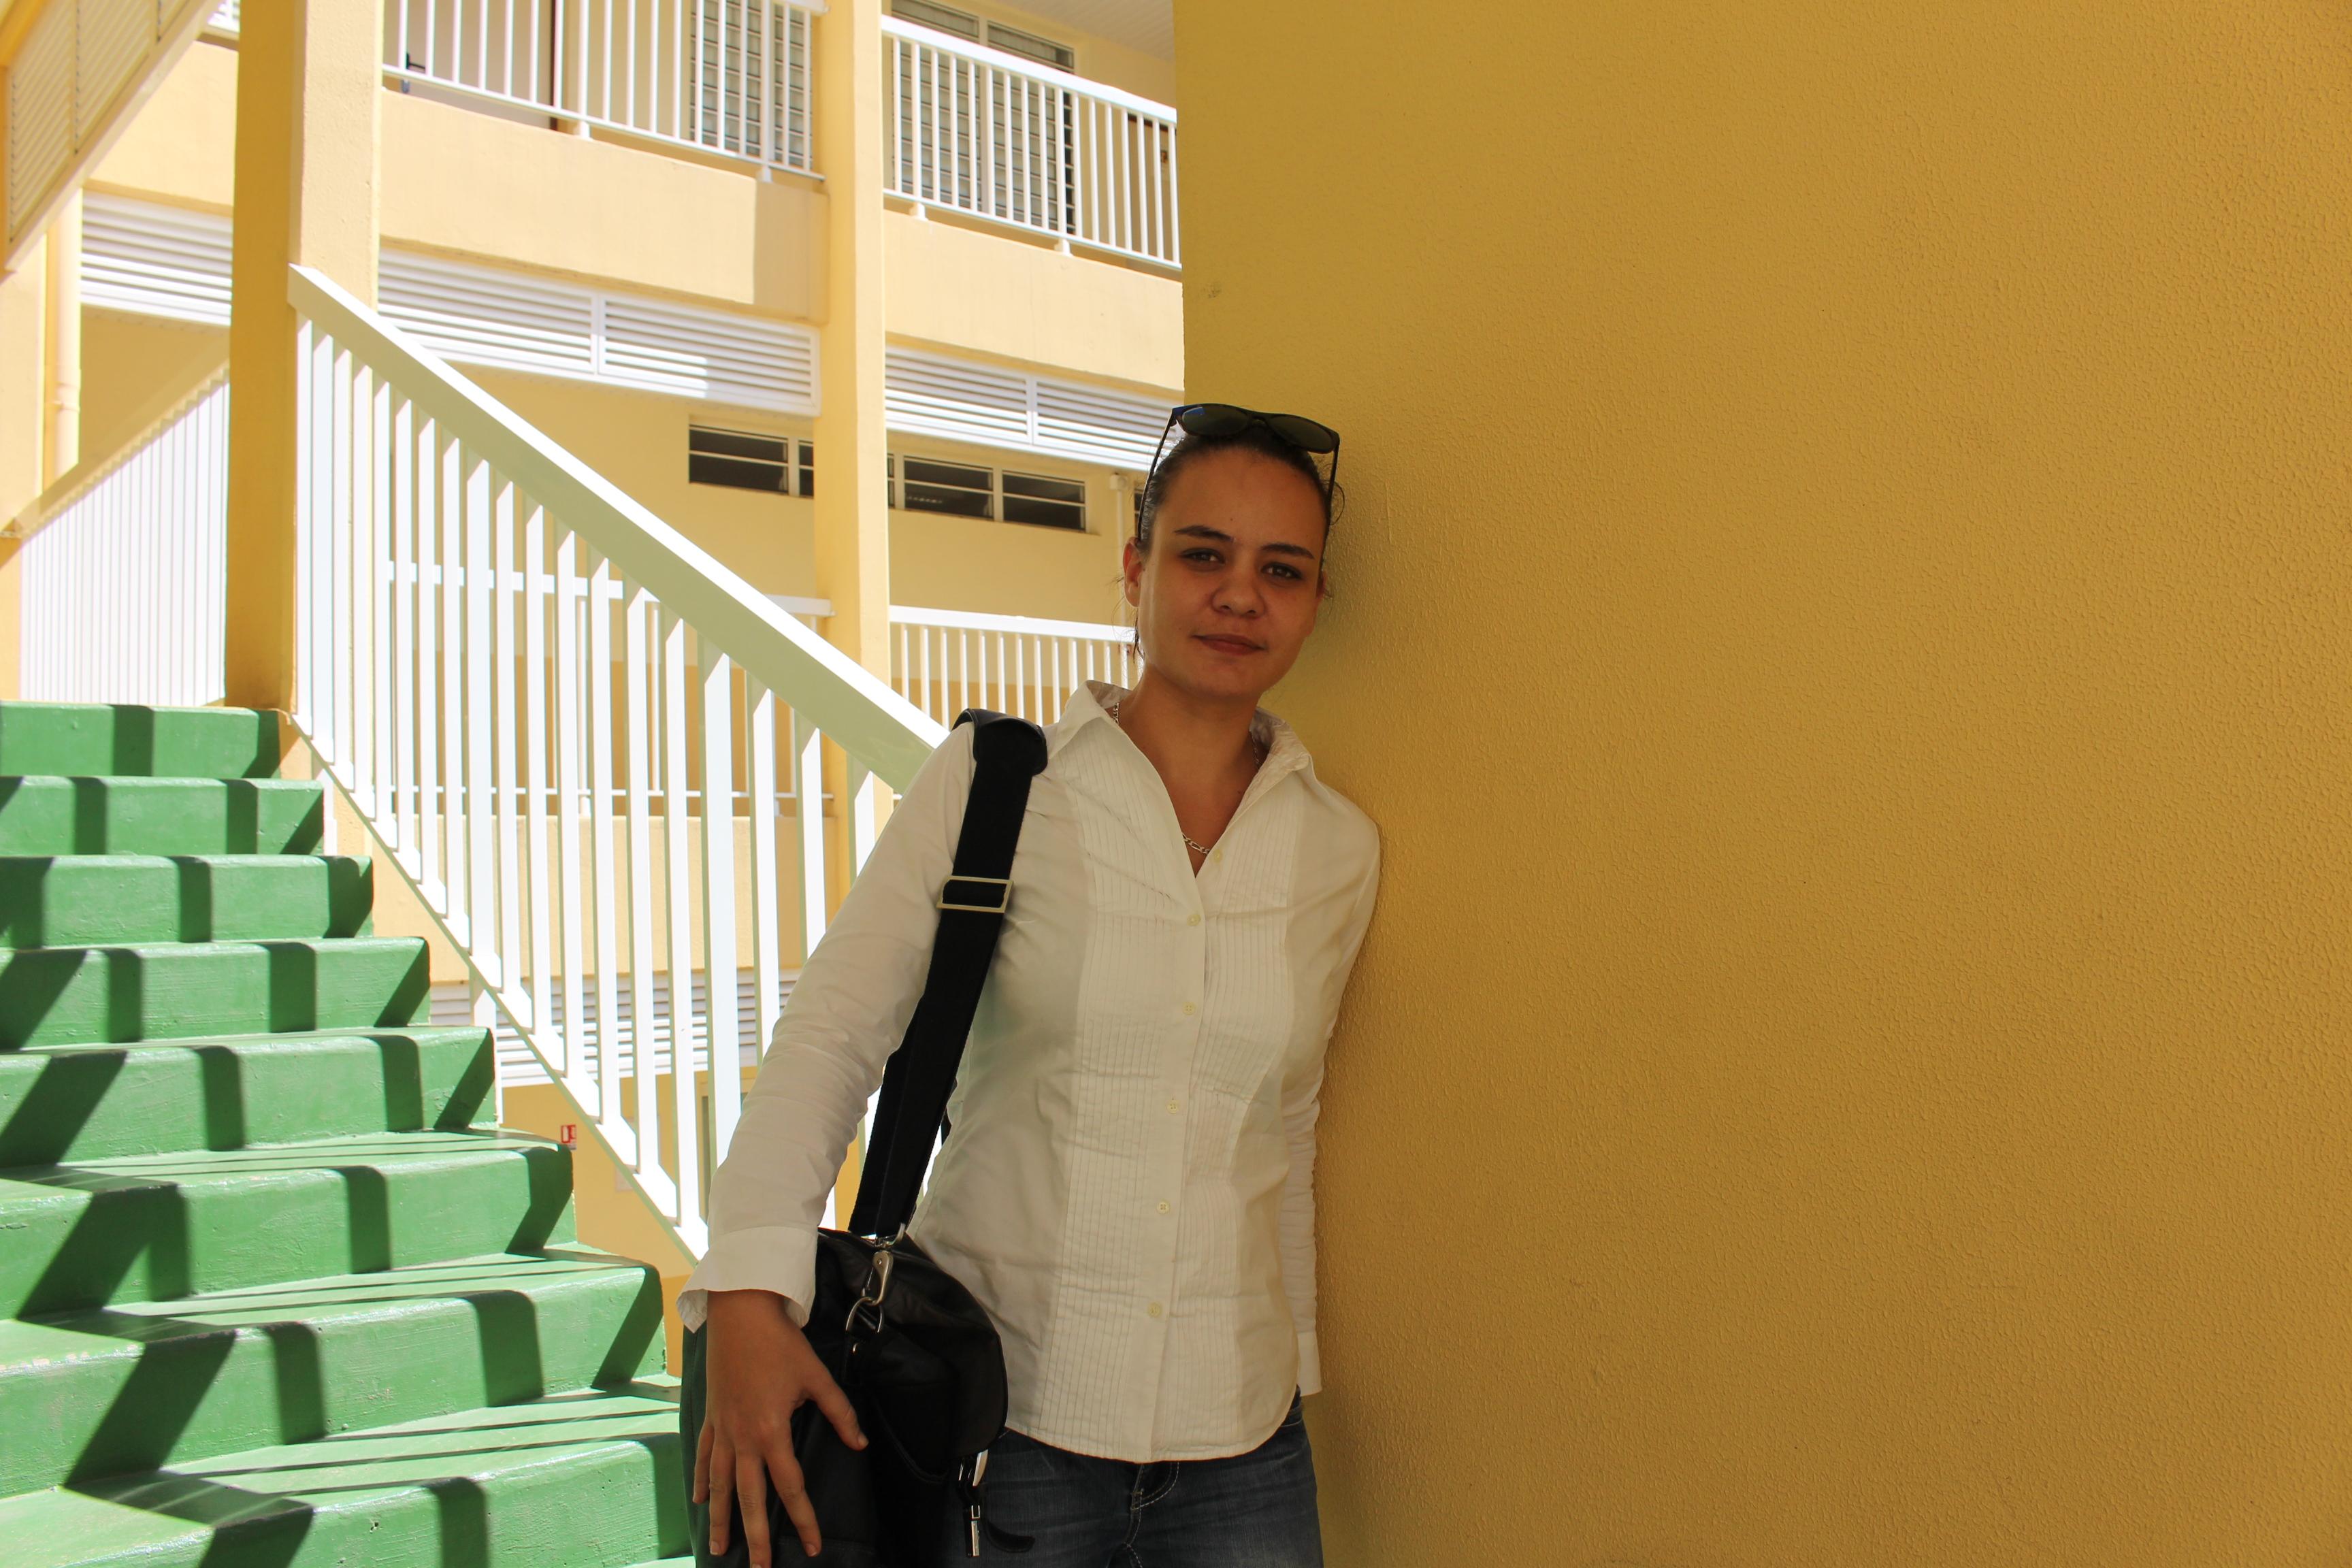 """""""Ce qui distingue les élèves"""", assure-t-elle, """"c'est la motivation et l'implication dans les révisions. L'épreuve de français est une épreuve qui récompense l'investissement des élèves."""" Heinarii Grand, professeure de lettres au lycée Samuel Raapoto, examinatrice au lycée Paul Gauguin."""